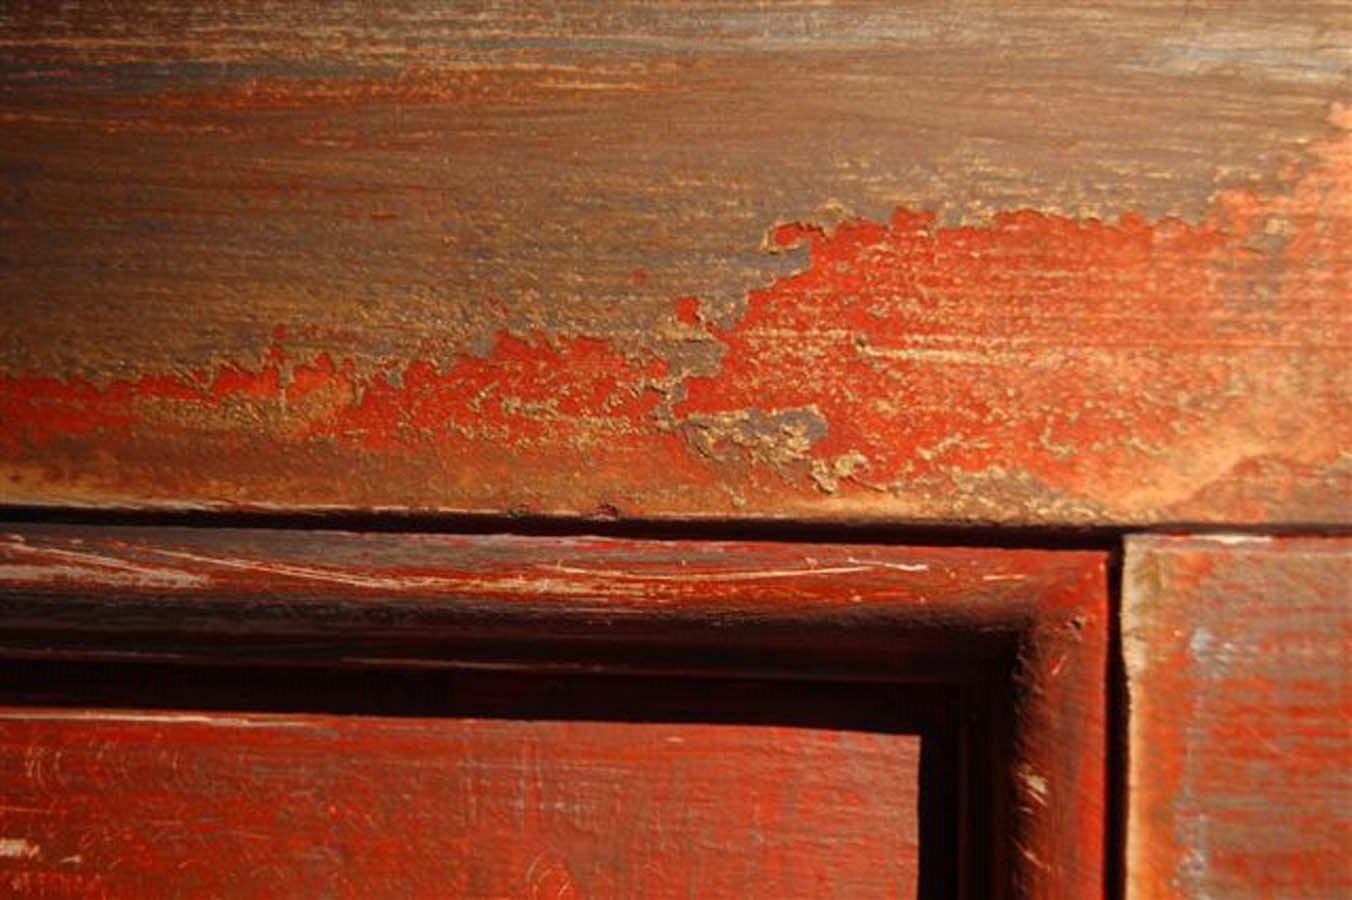 pierre demarty artisan peinture et d coration en corr ze. Black Bedroom Furniture Sets. Home Design Ideas